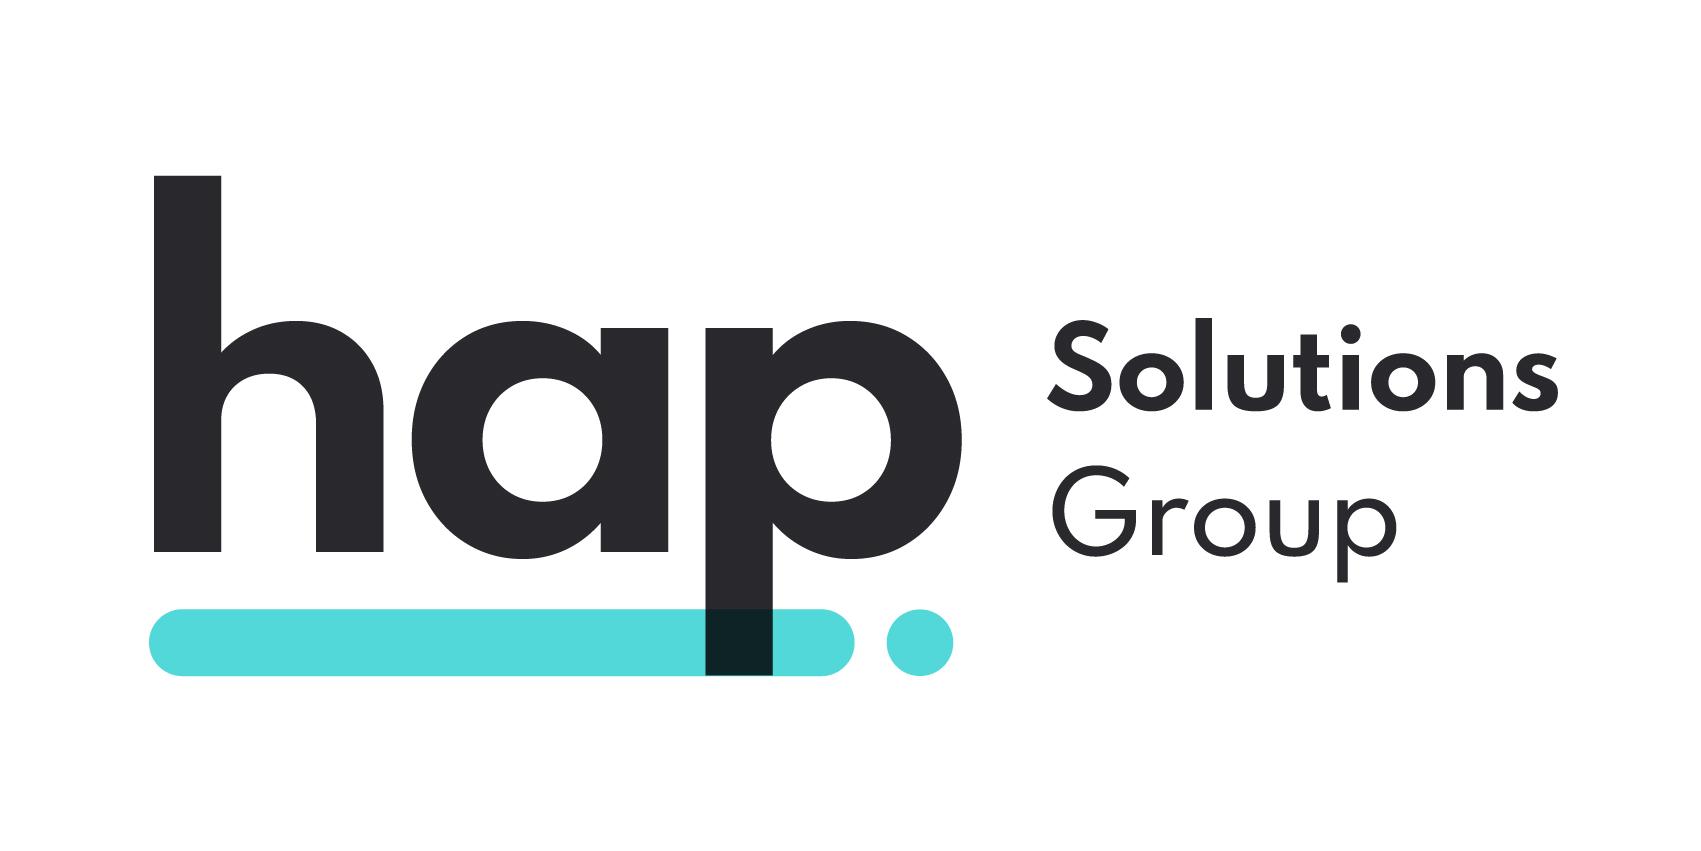 Hap Solutions